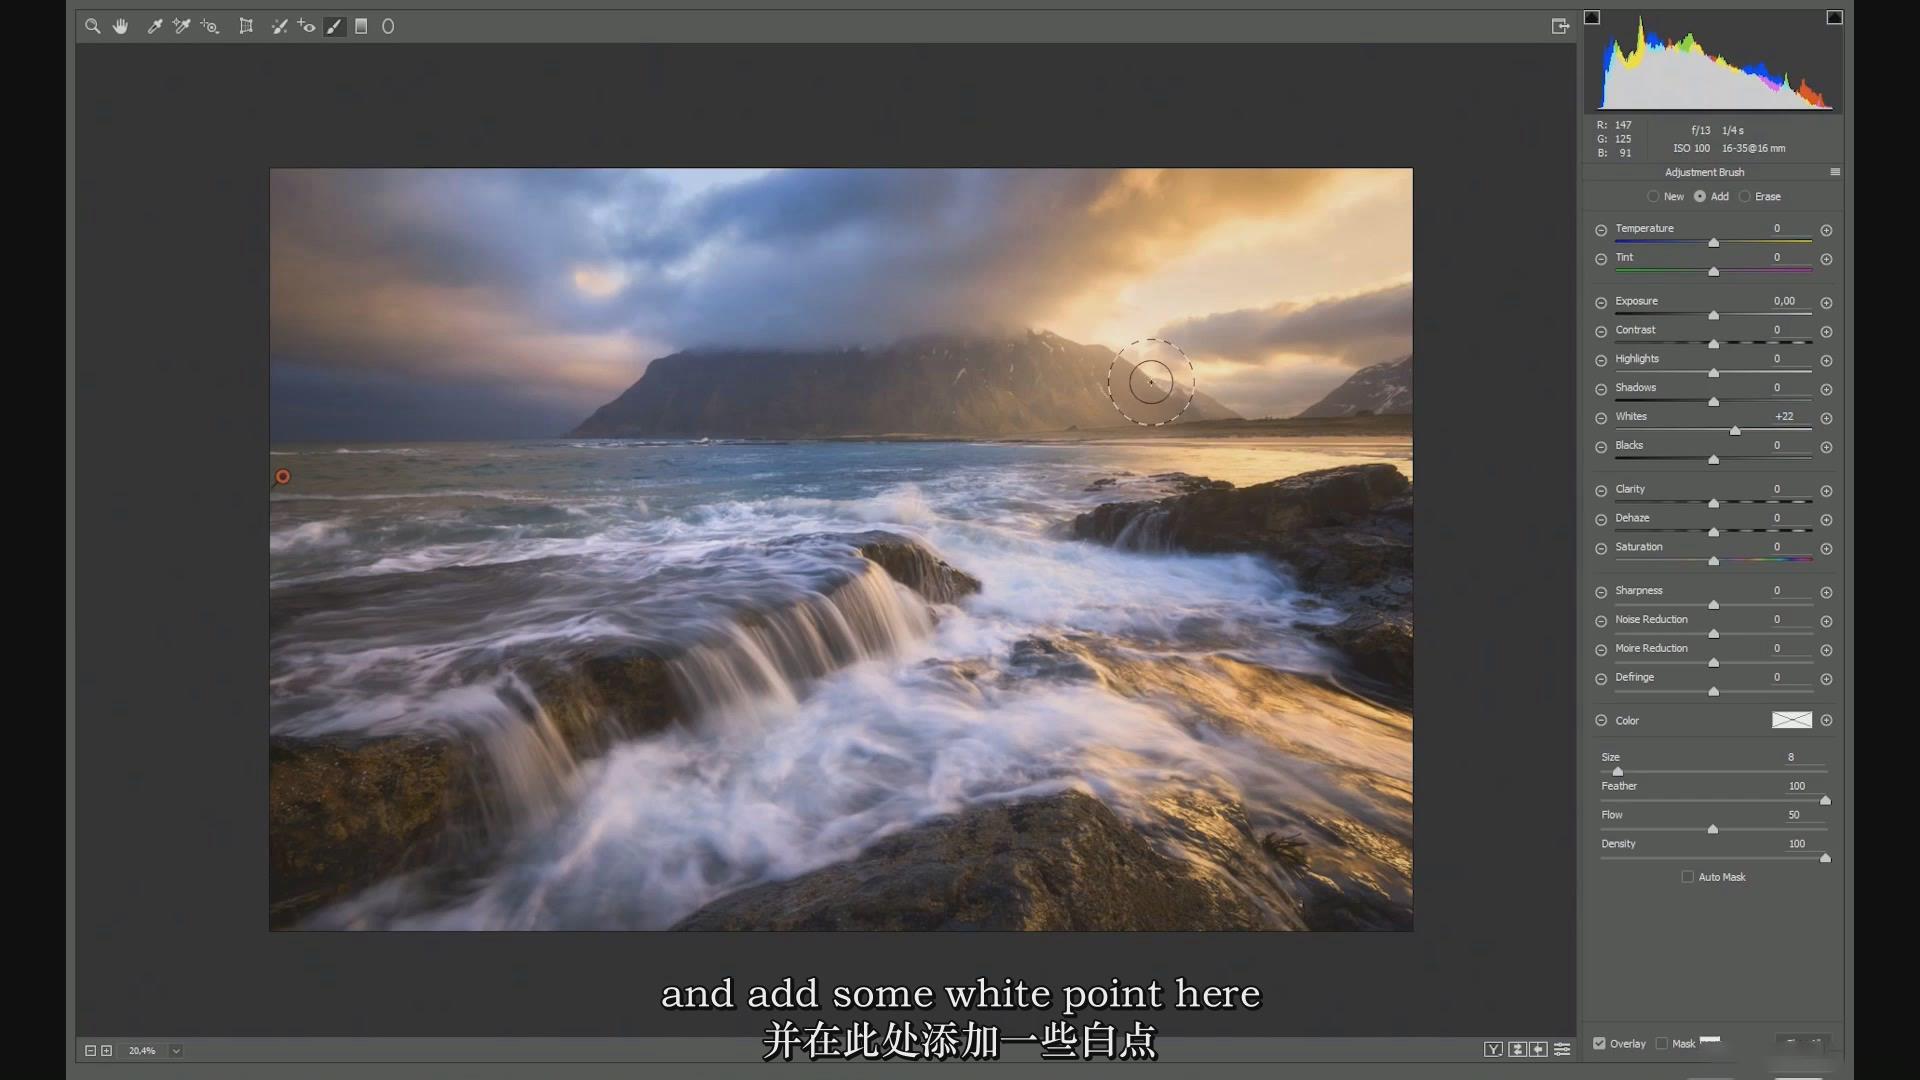 摄影教程_Daniel Fleischhacker景观和自然风光摄影Photoshop后期大师班-中英字幕 摄影教程 _预览图11